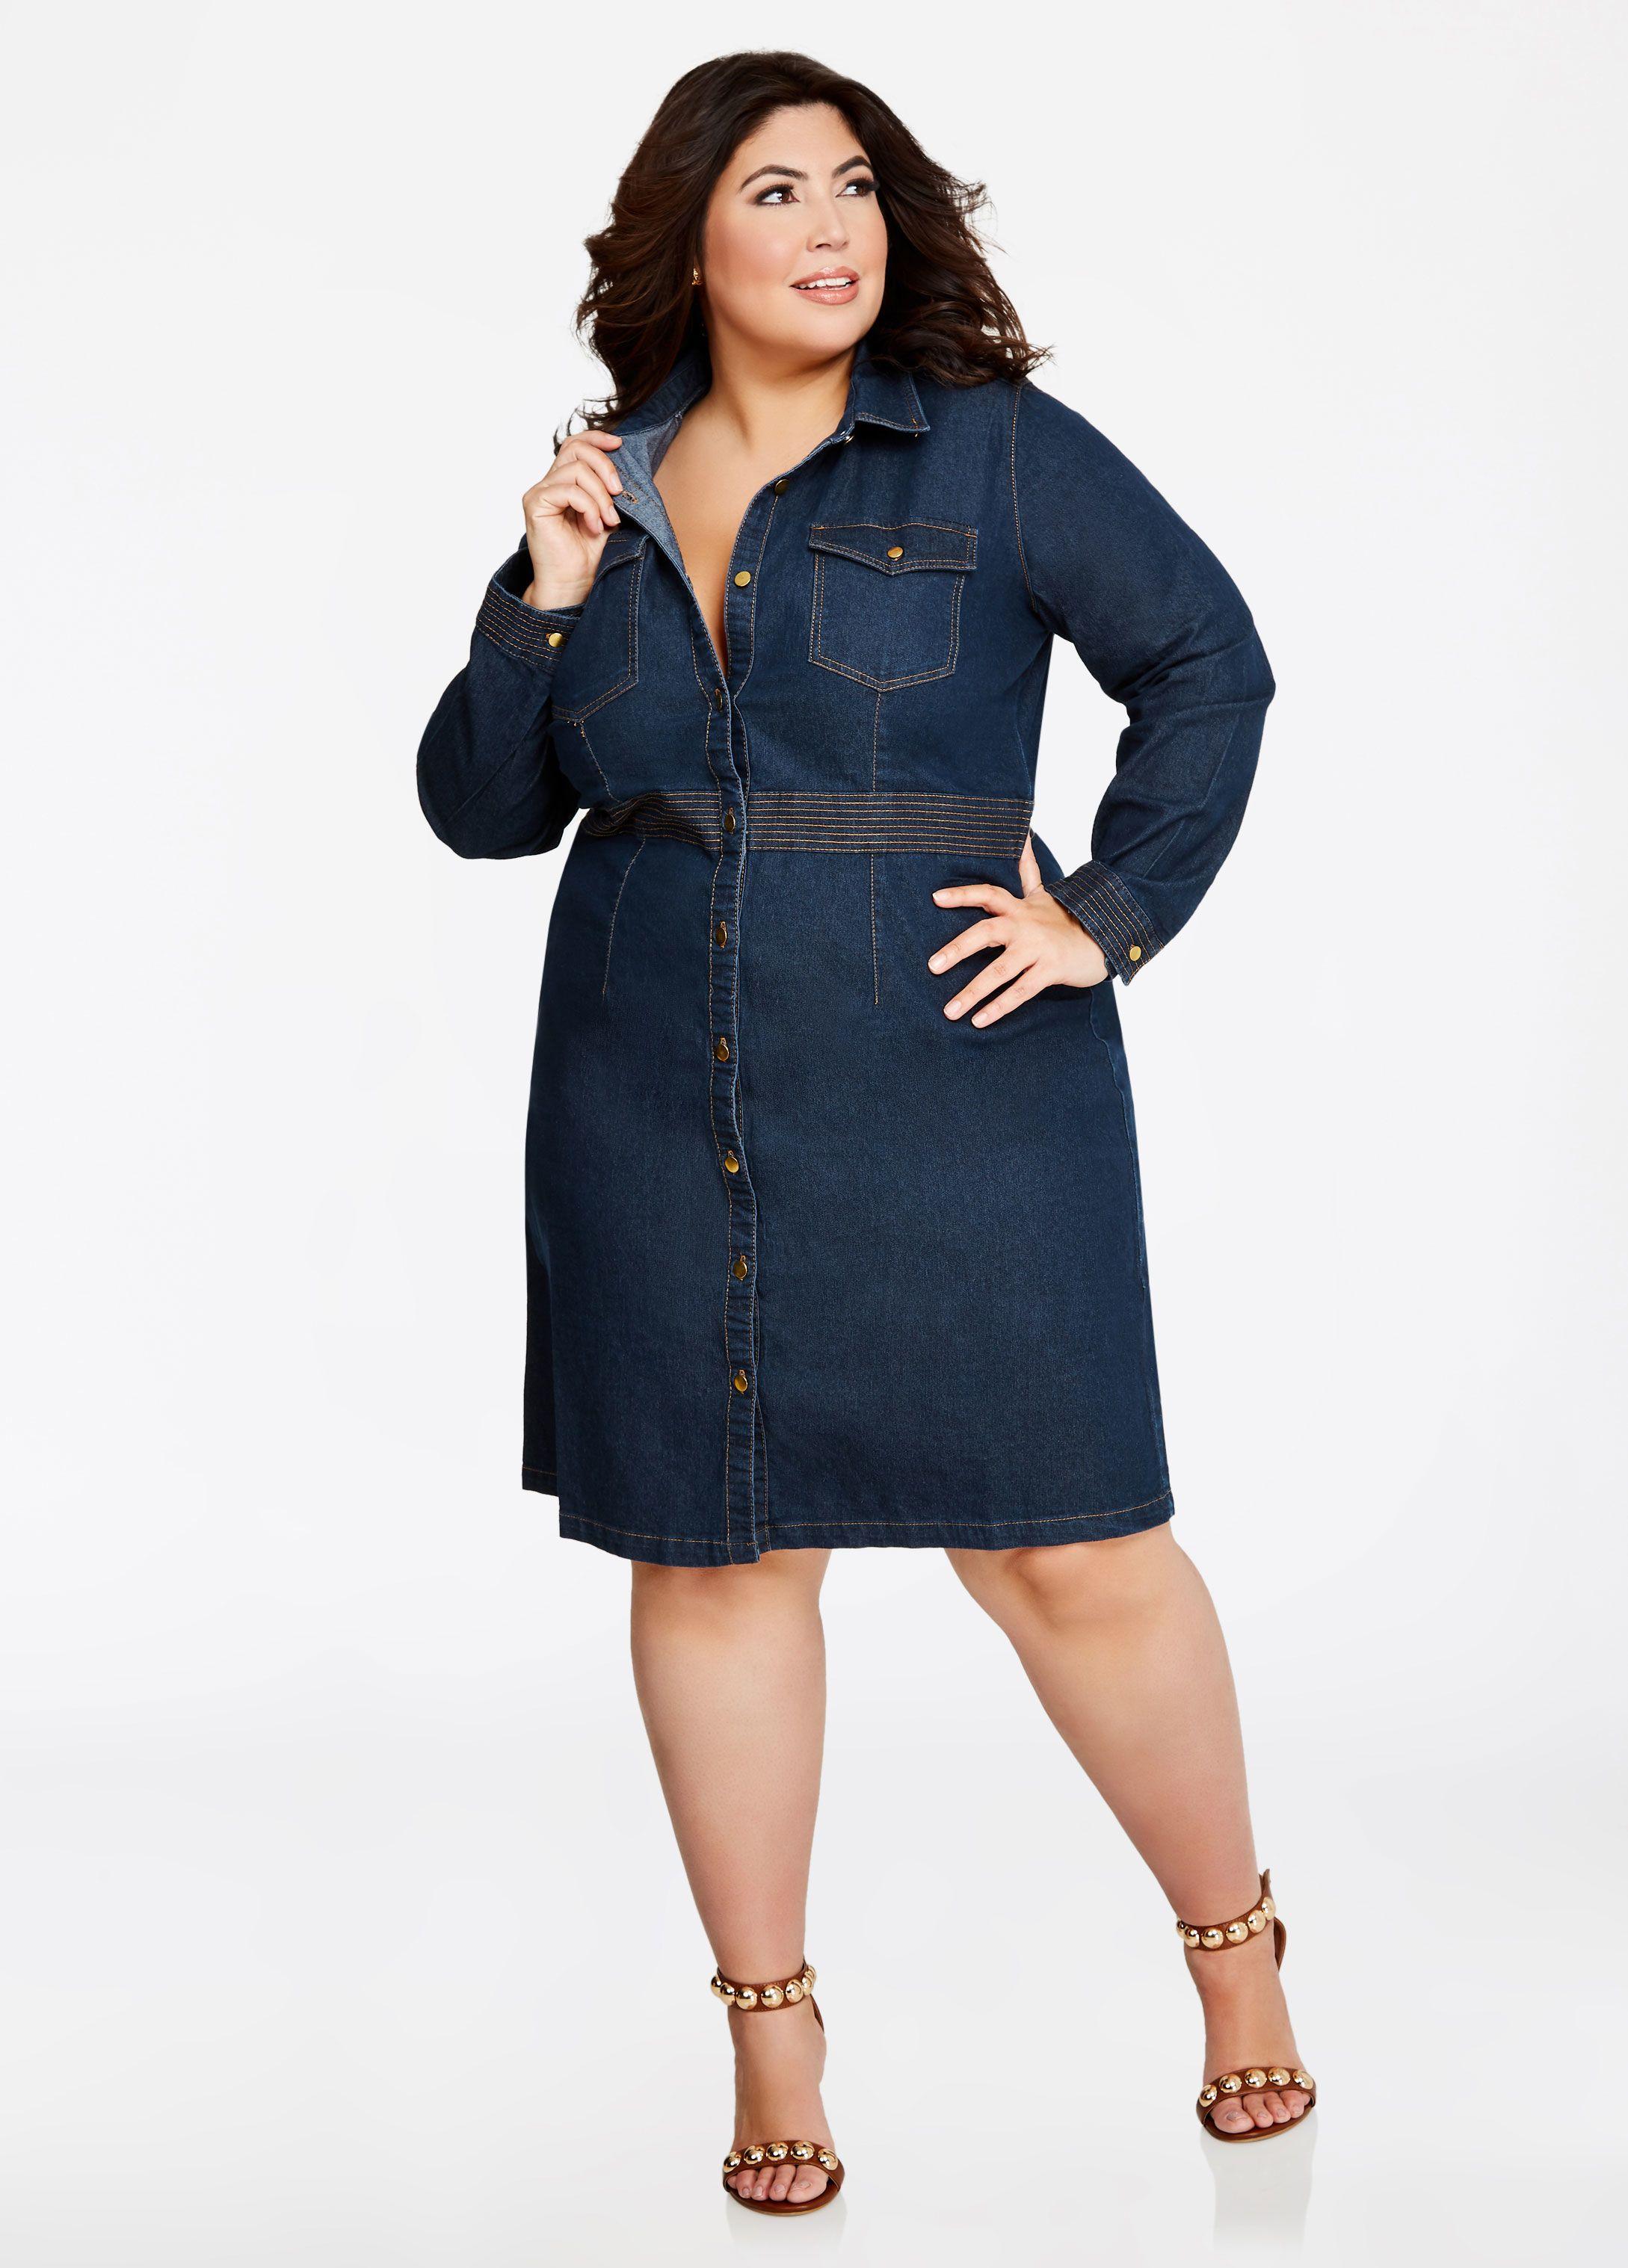 7dafc71bb0c Stitch Waist Denim Button Dress - Ashley Stewart